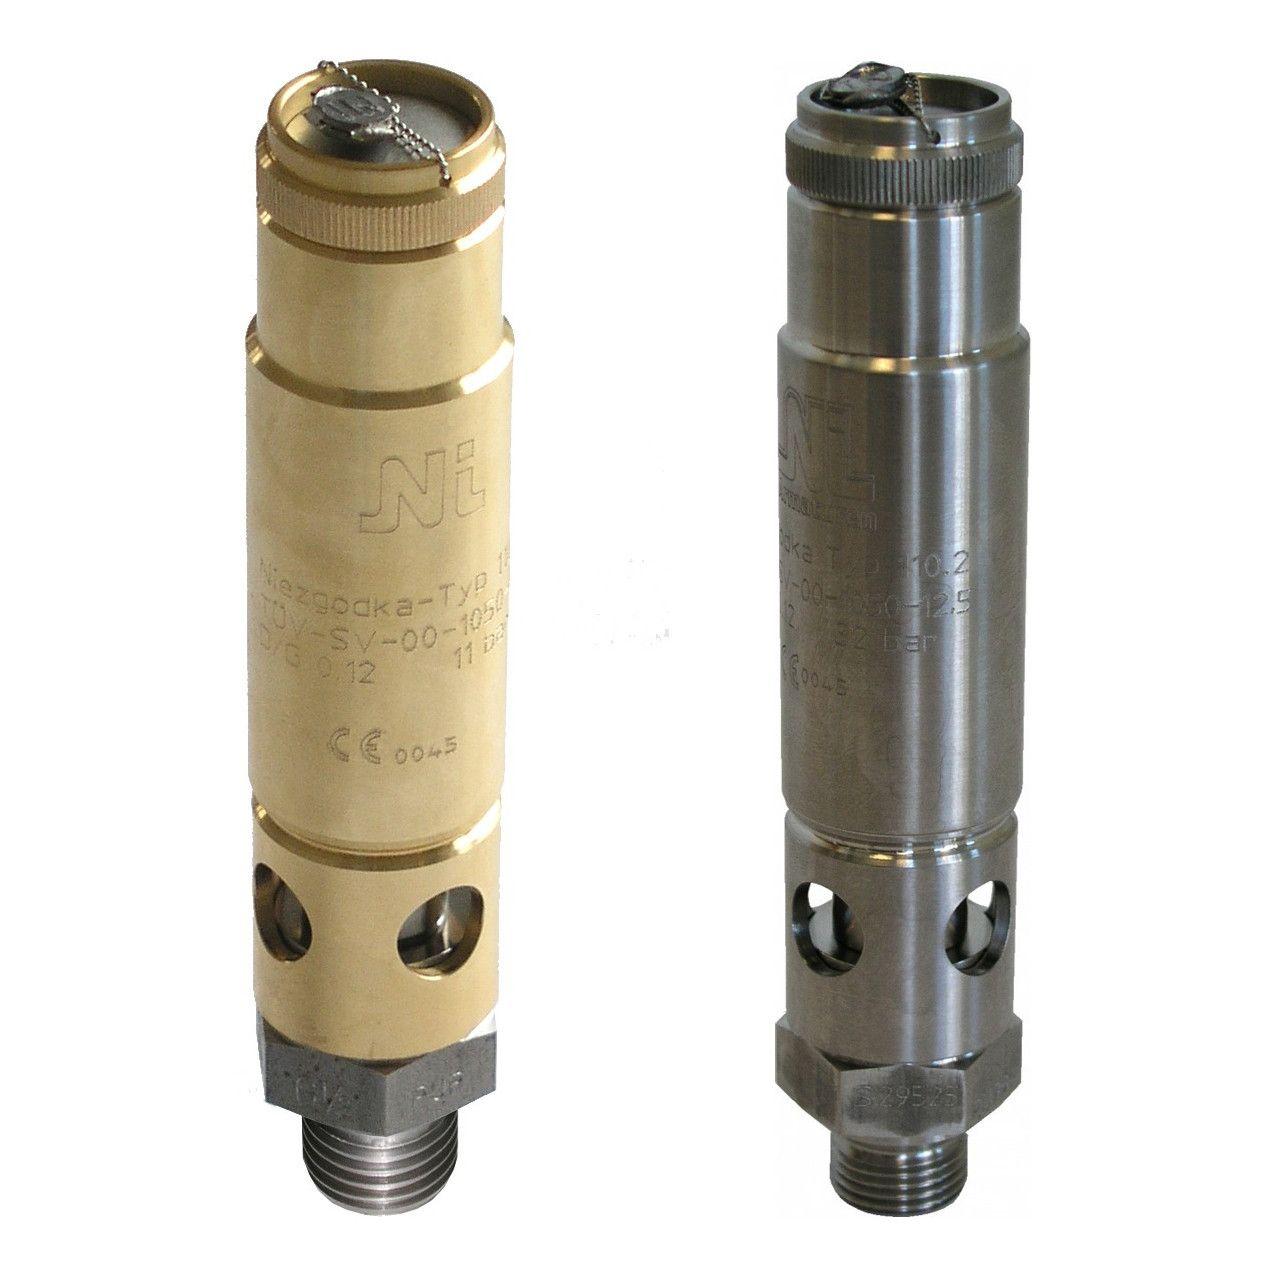 Niezgodka type 110 safety valve safety valve relief